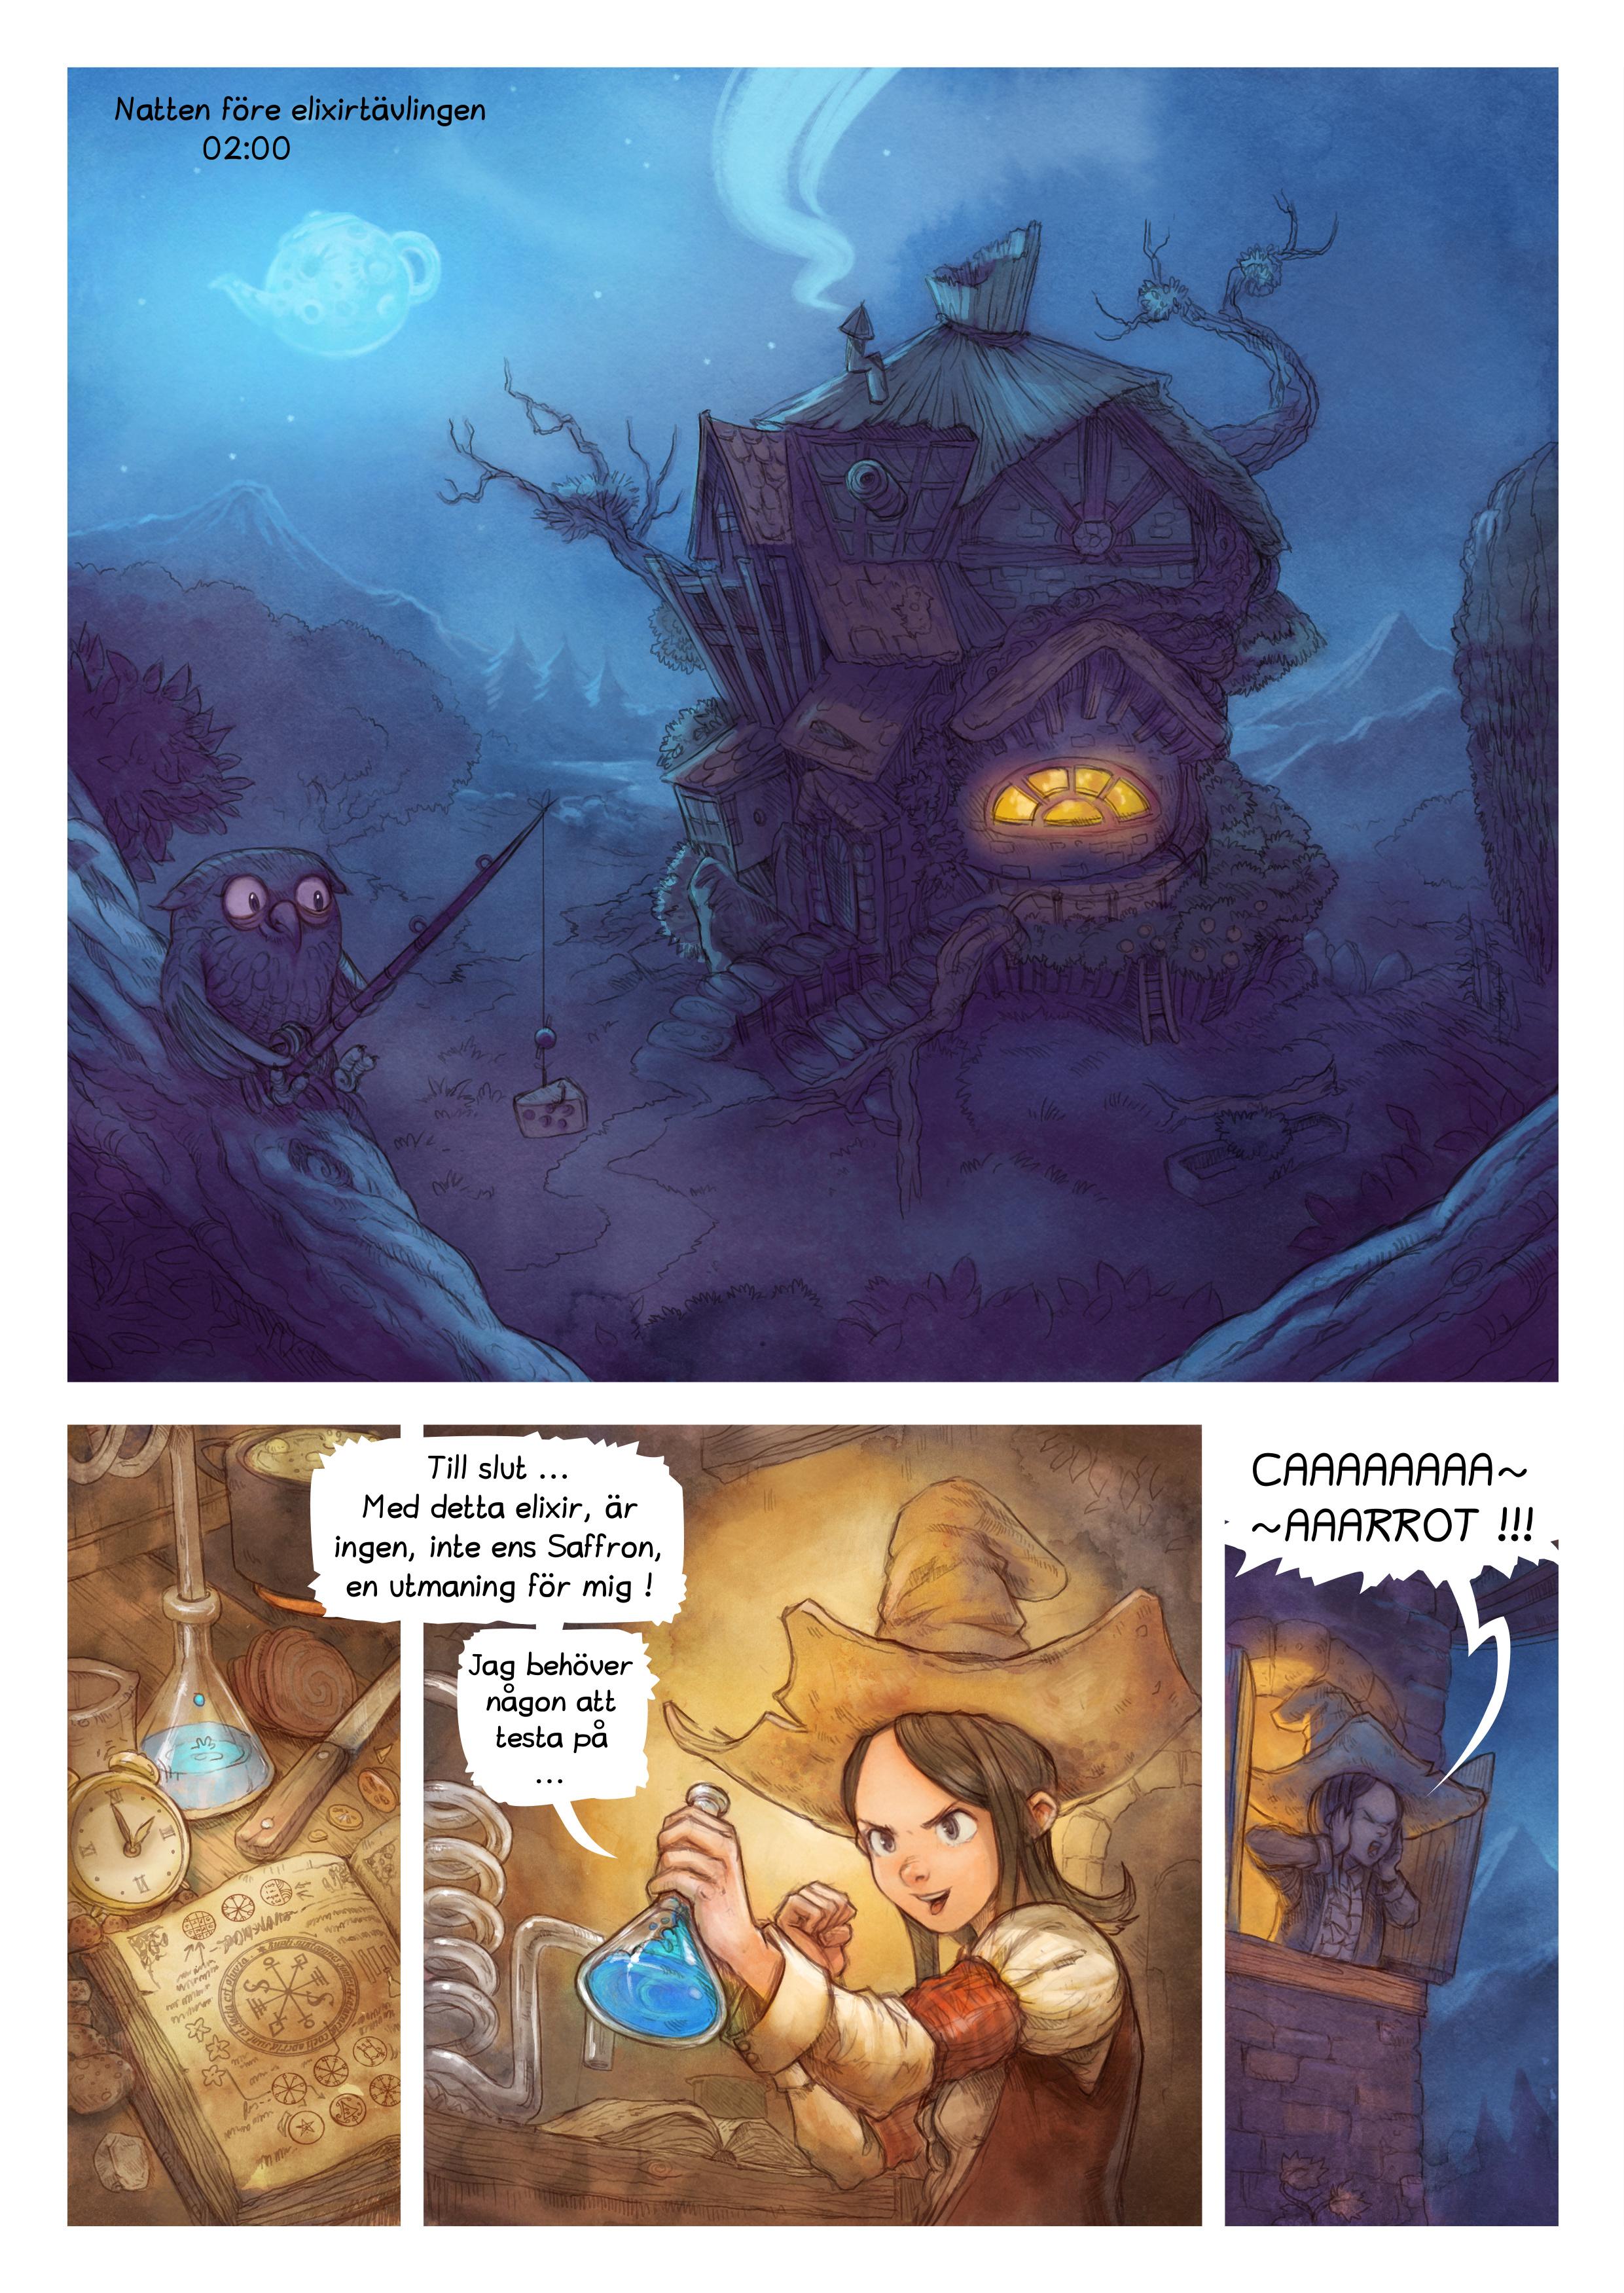 Episode 4: Genidraget, Page 1